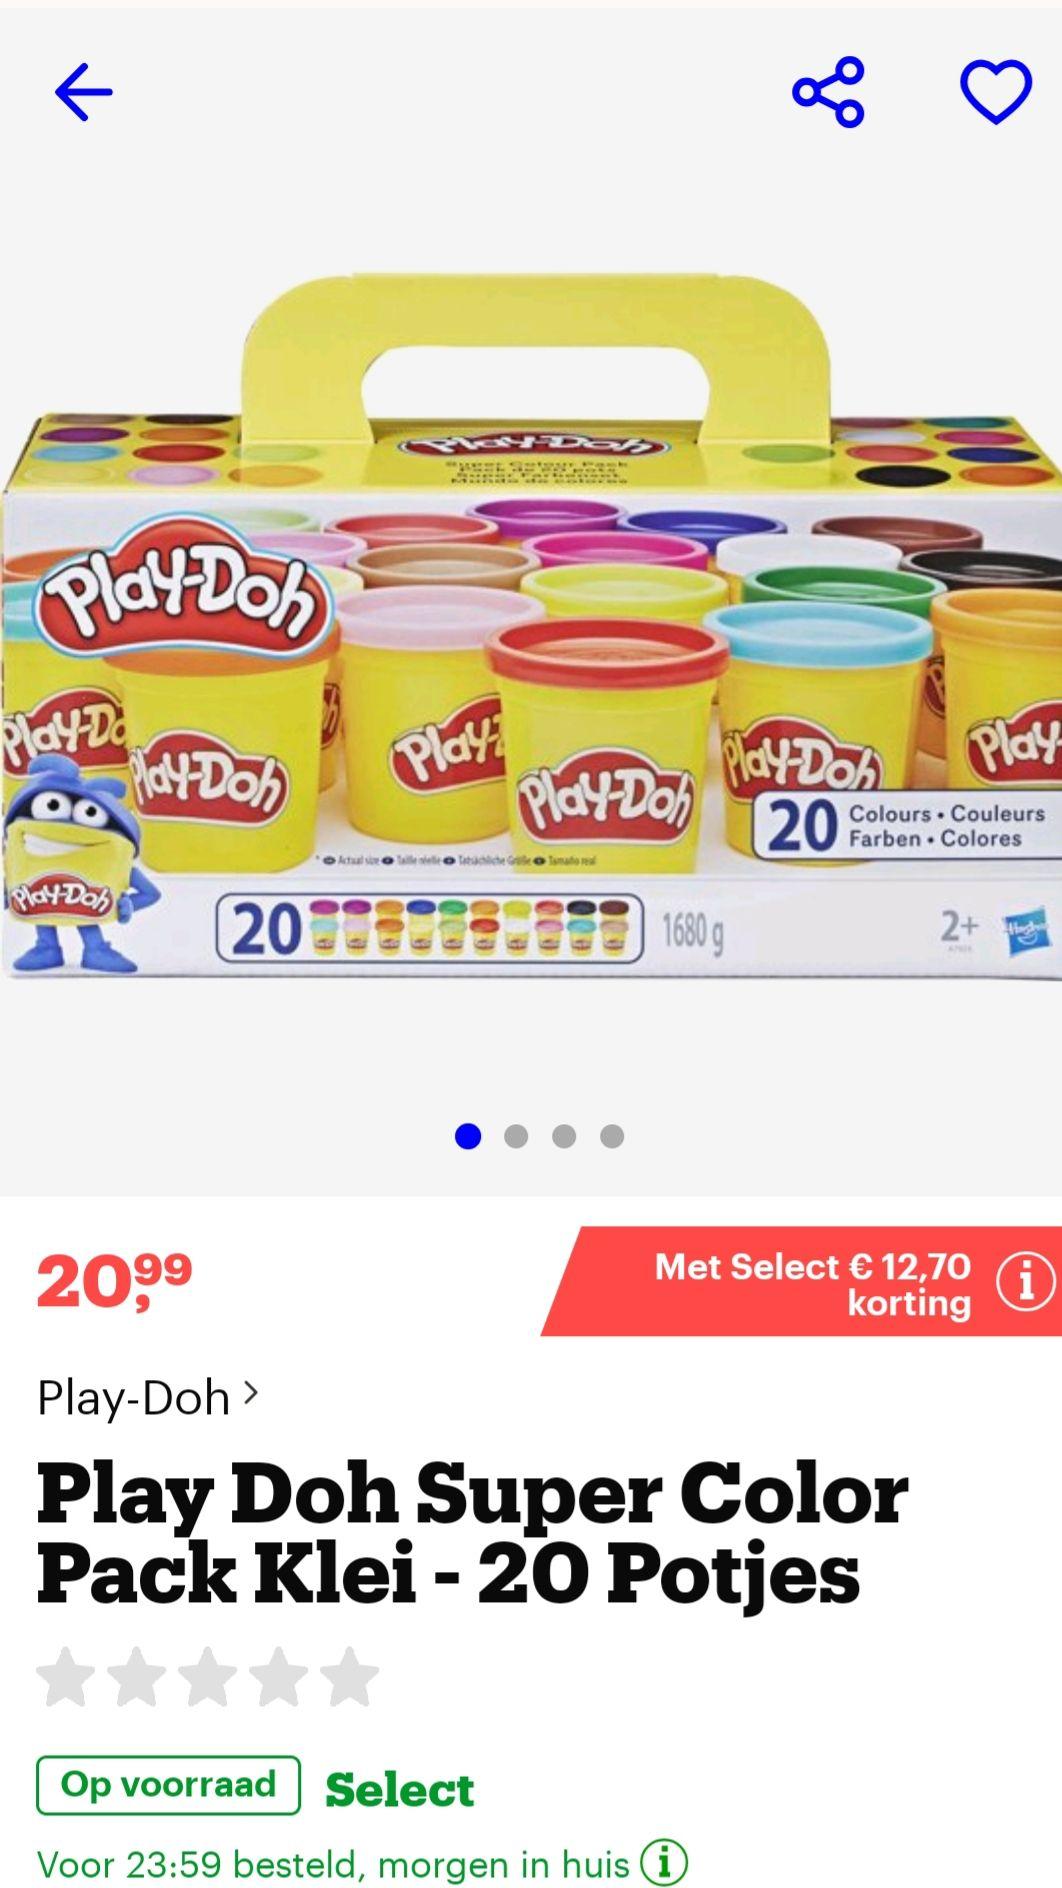 Extra voordelig playdoh voor select klanten bij bol.com